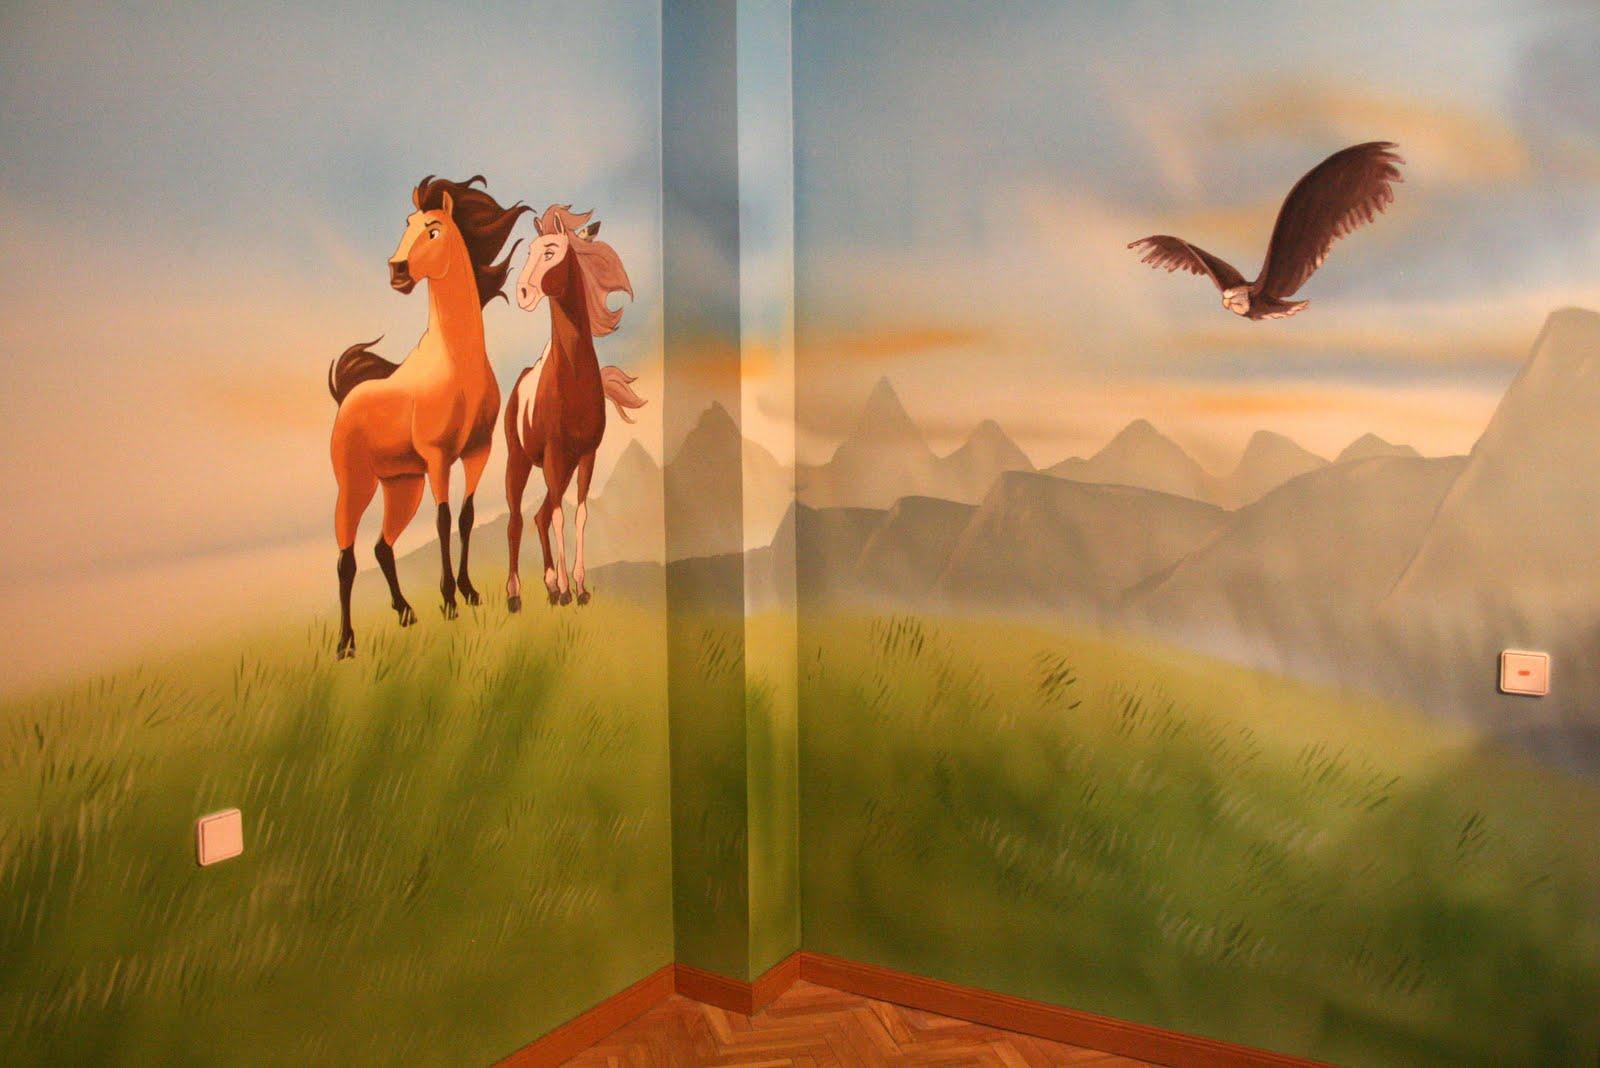 Paredes de cuento mural de la pelicula spirit de disney for El mural pelicula online